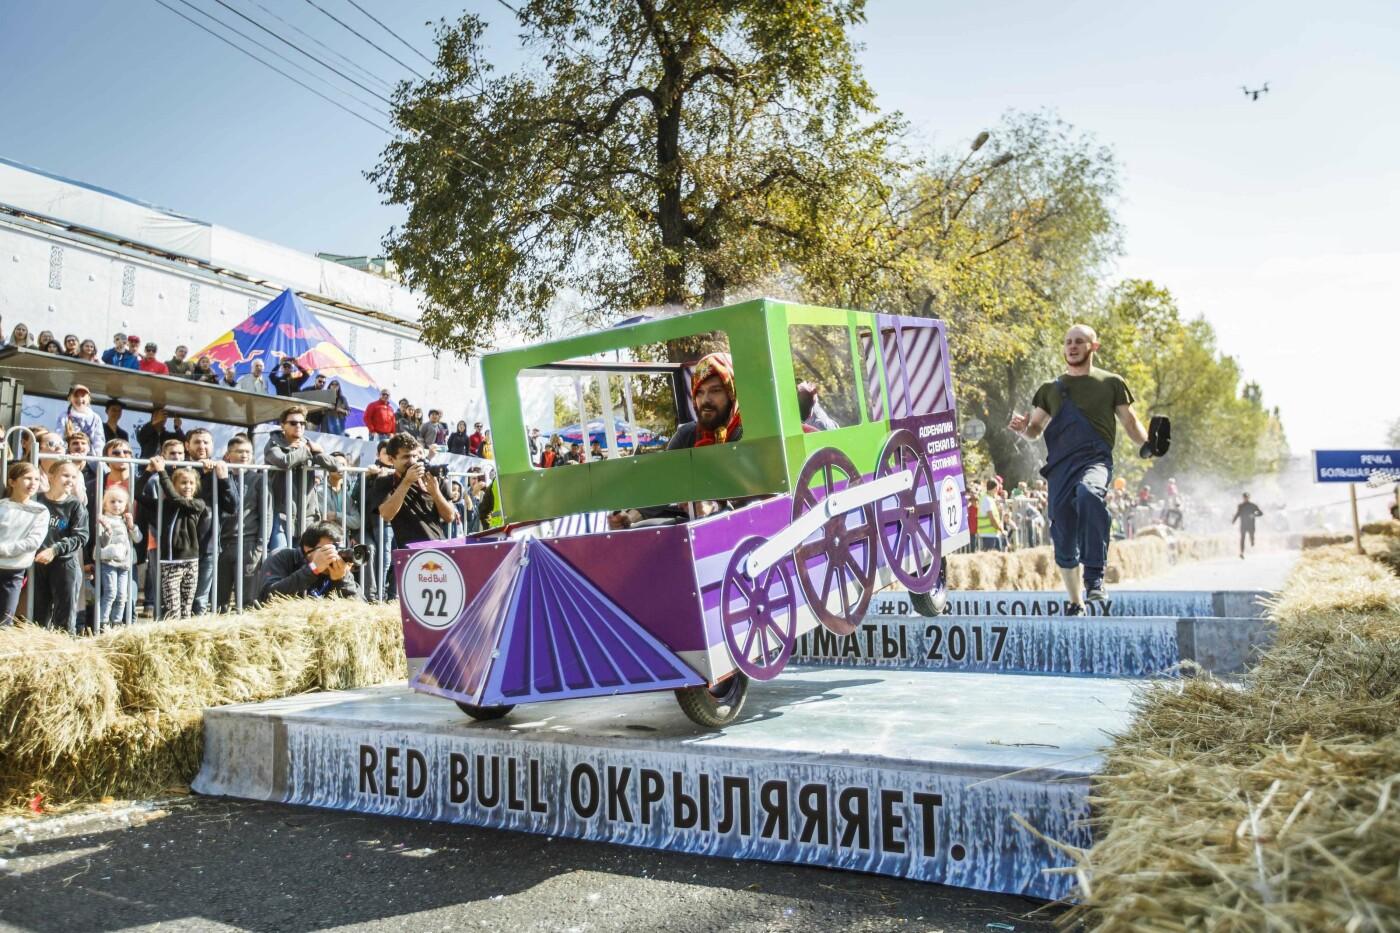 Для гонки самодельных болидов в Алматы перекроют проспект Достык, фото-1, Фото организаторов Red Bull